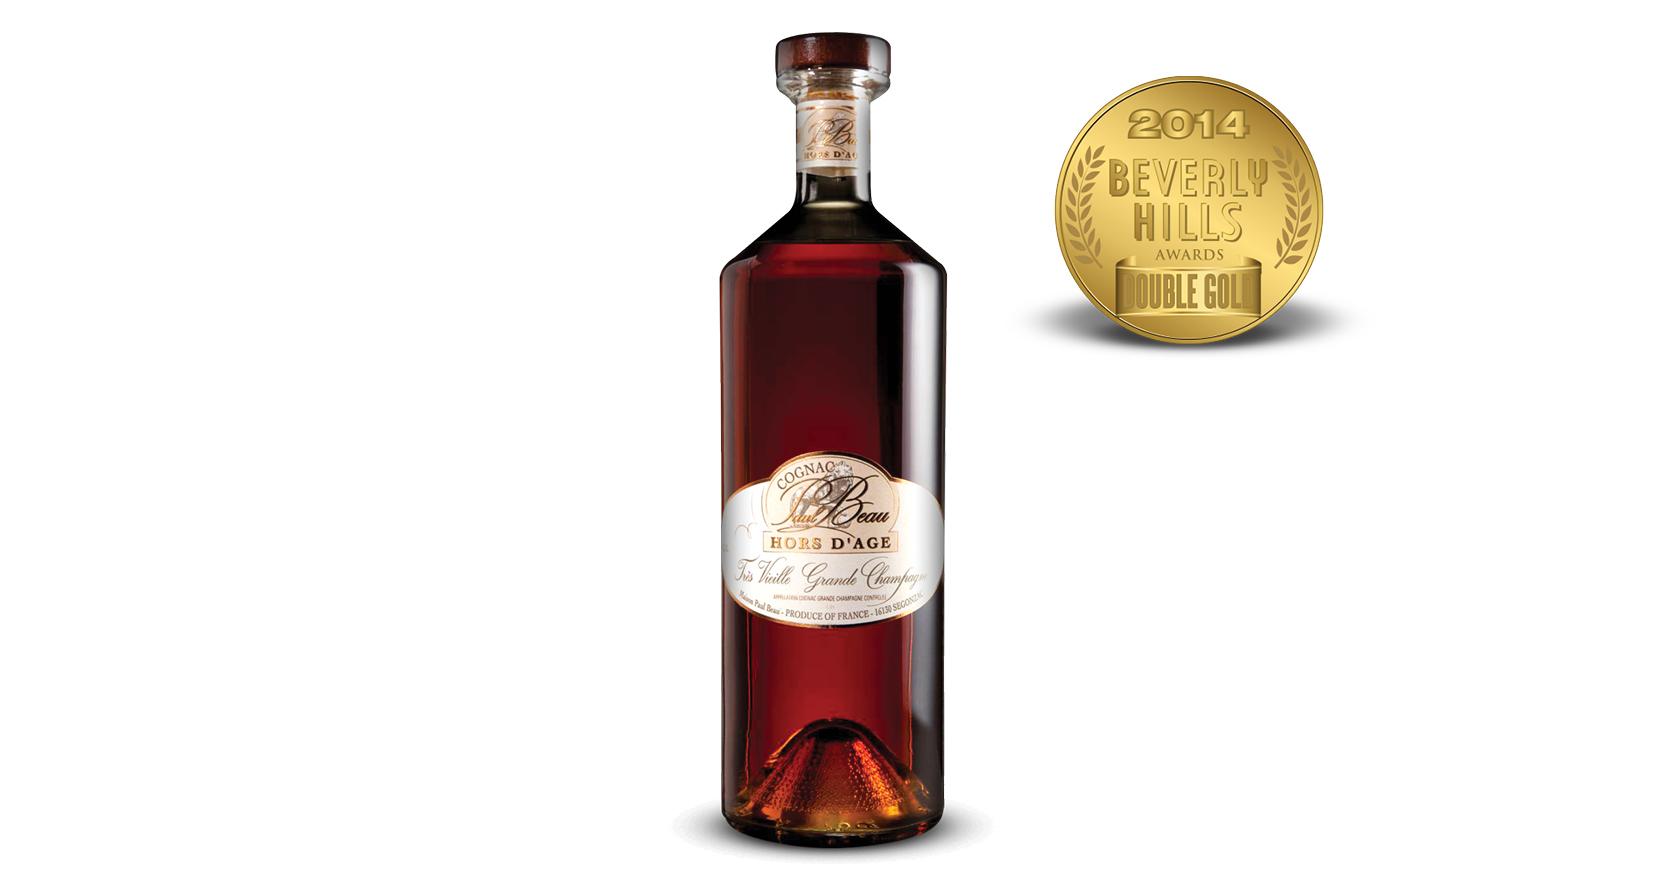 Paul Beau Grand Champagne Cognac Hors d'Age